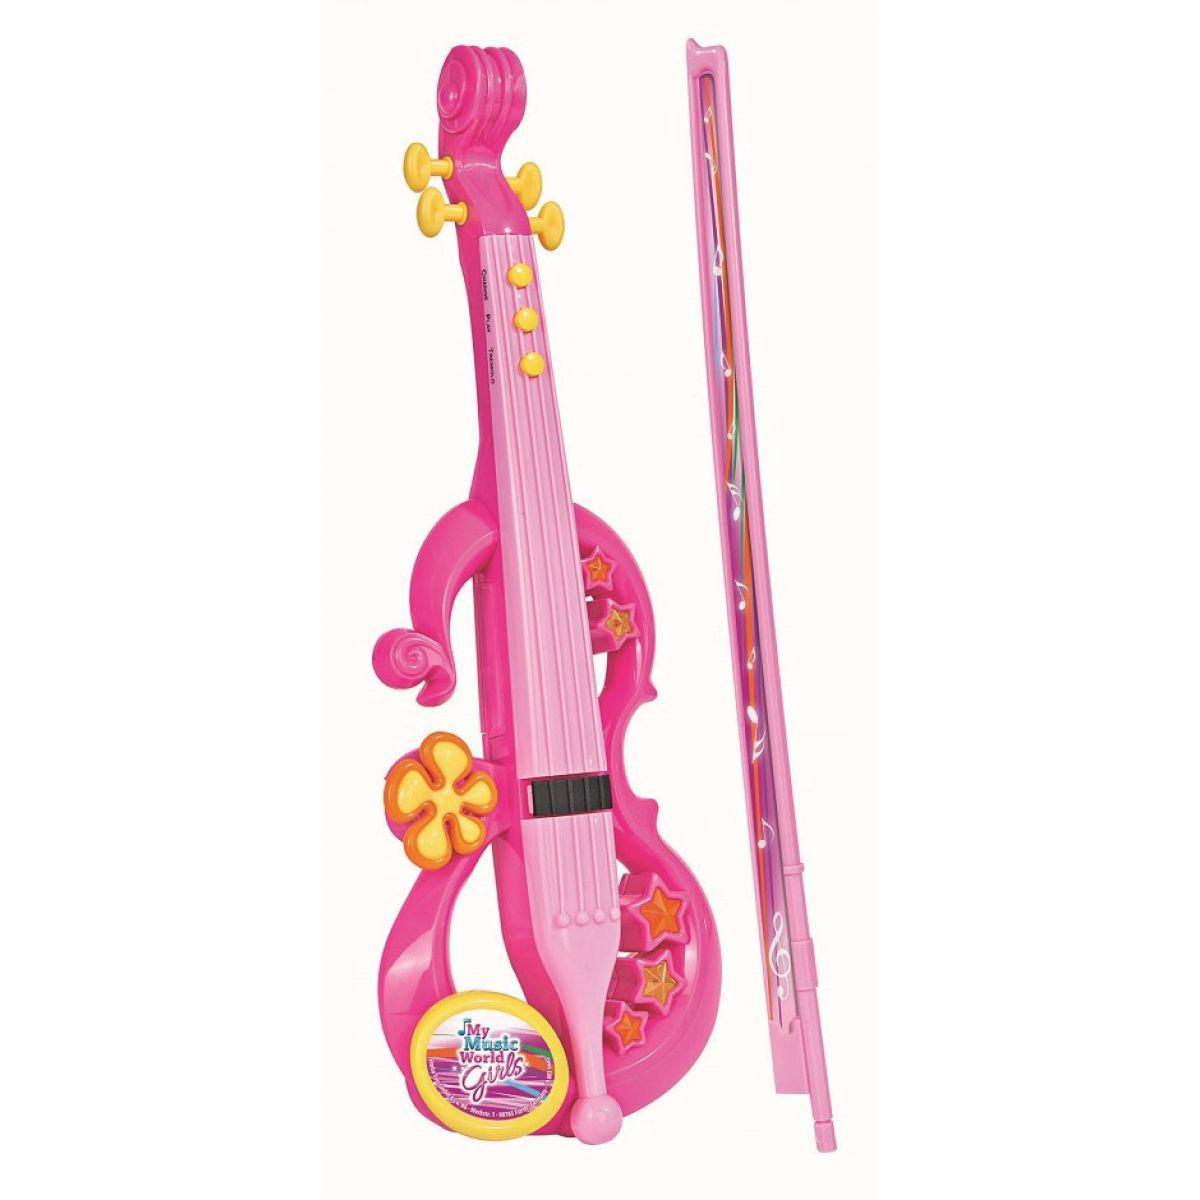 Simba My Music World Elektronické housle růžová